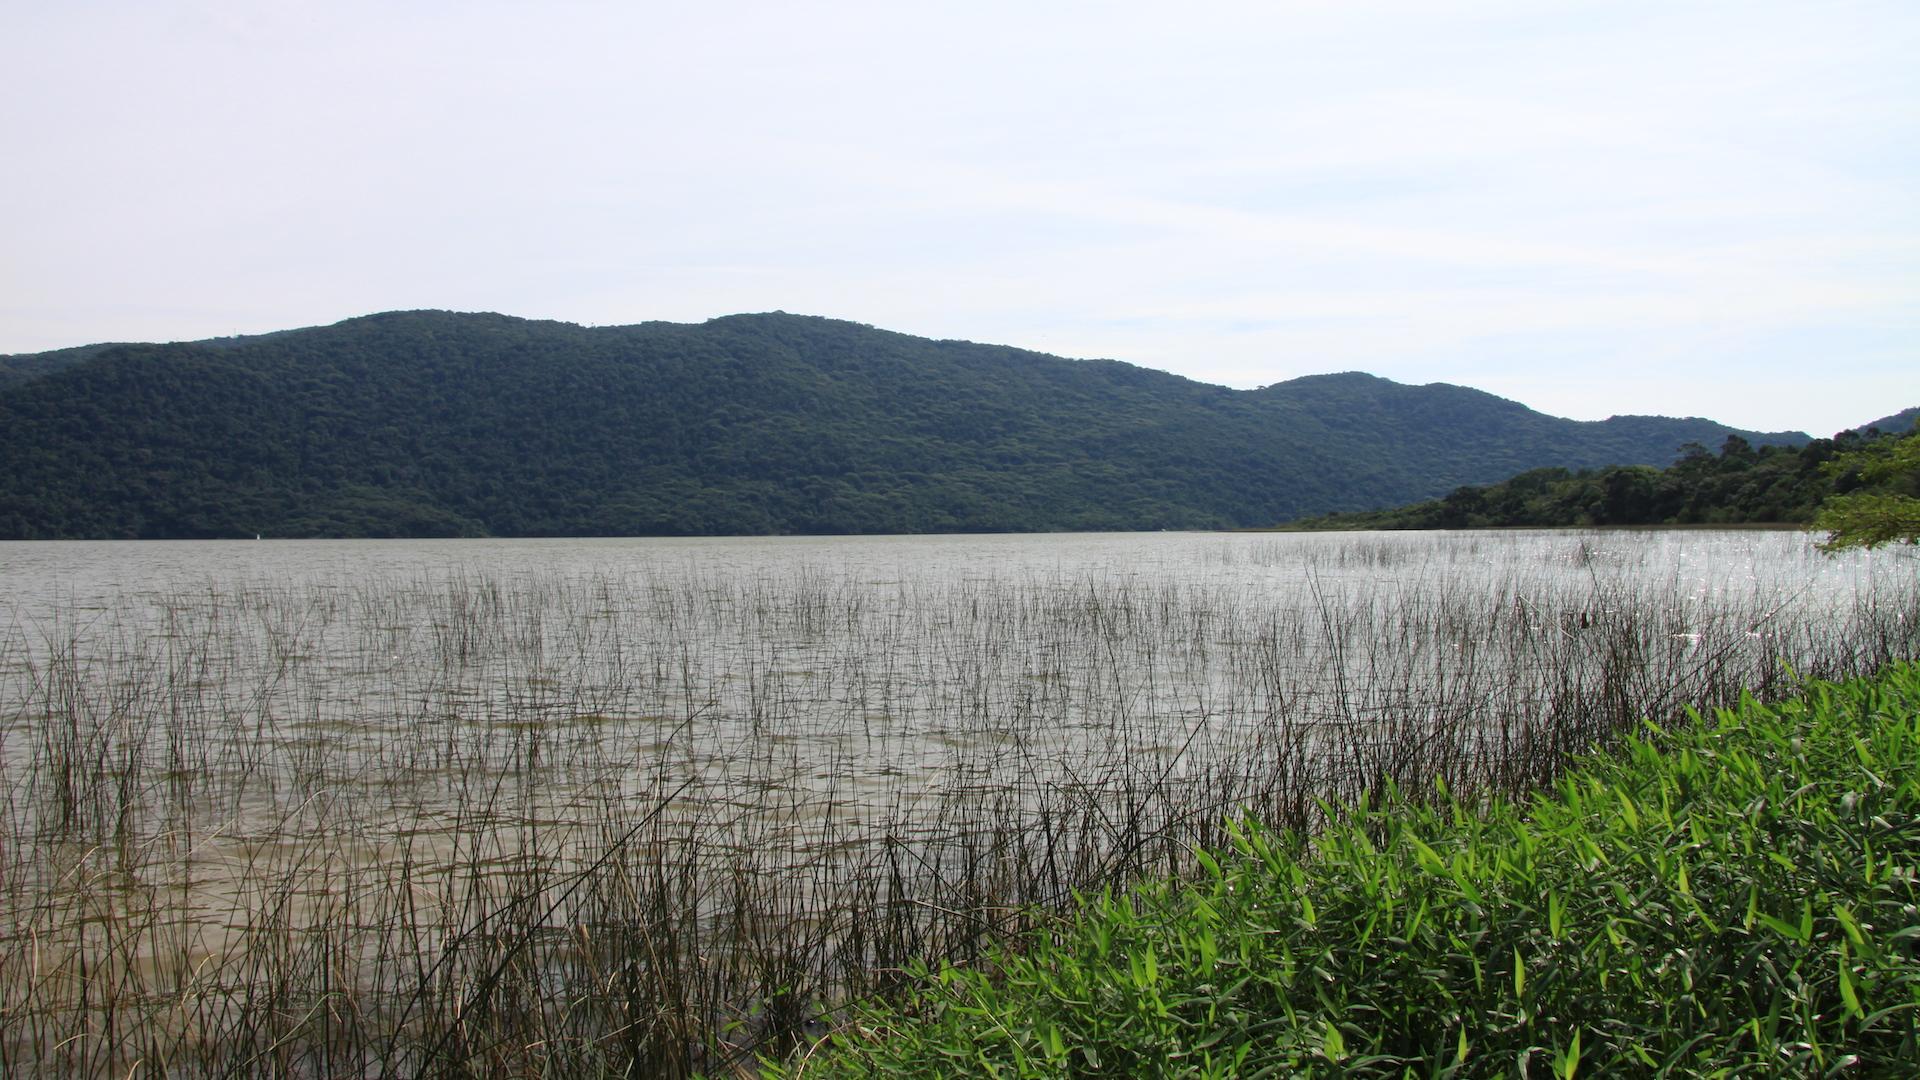 Ausblick auf die Lagoa do Peri in Florianopolis